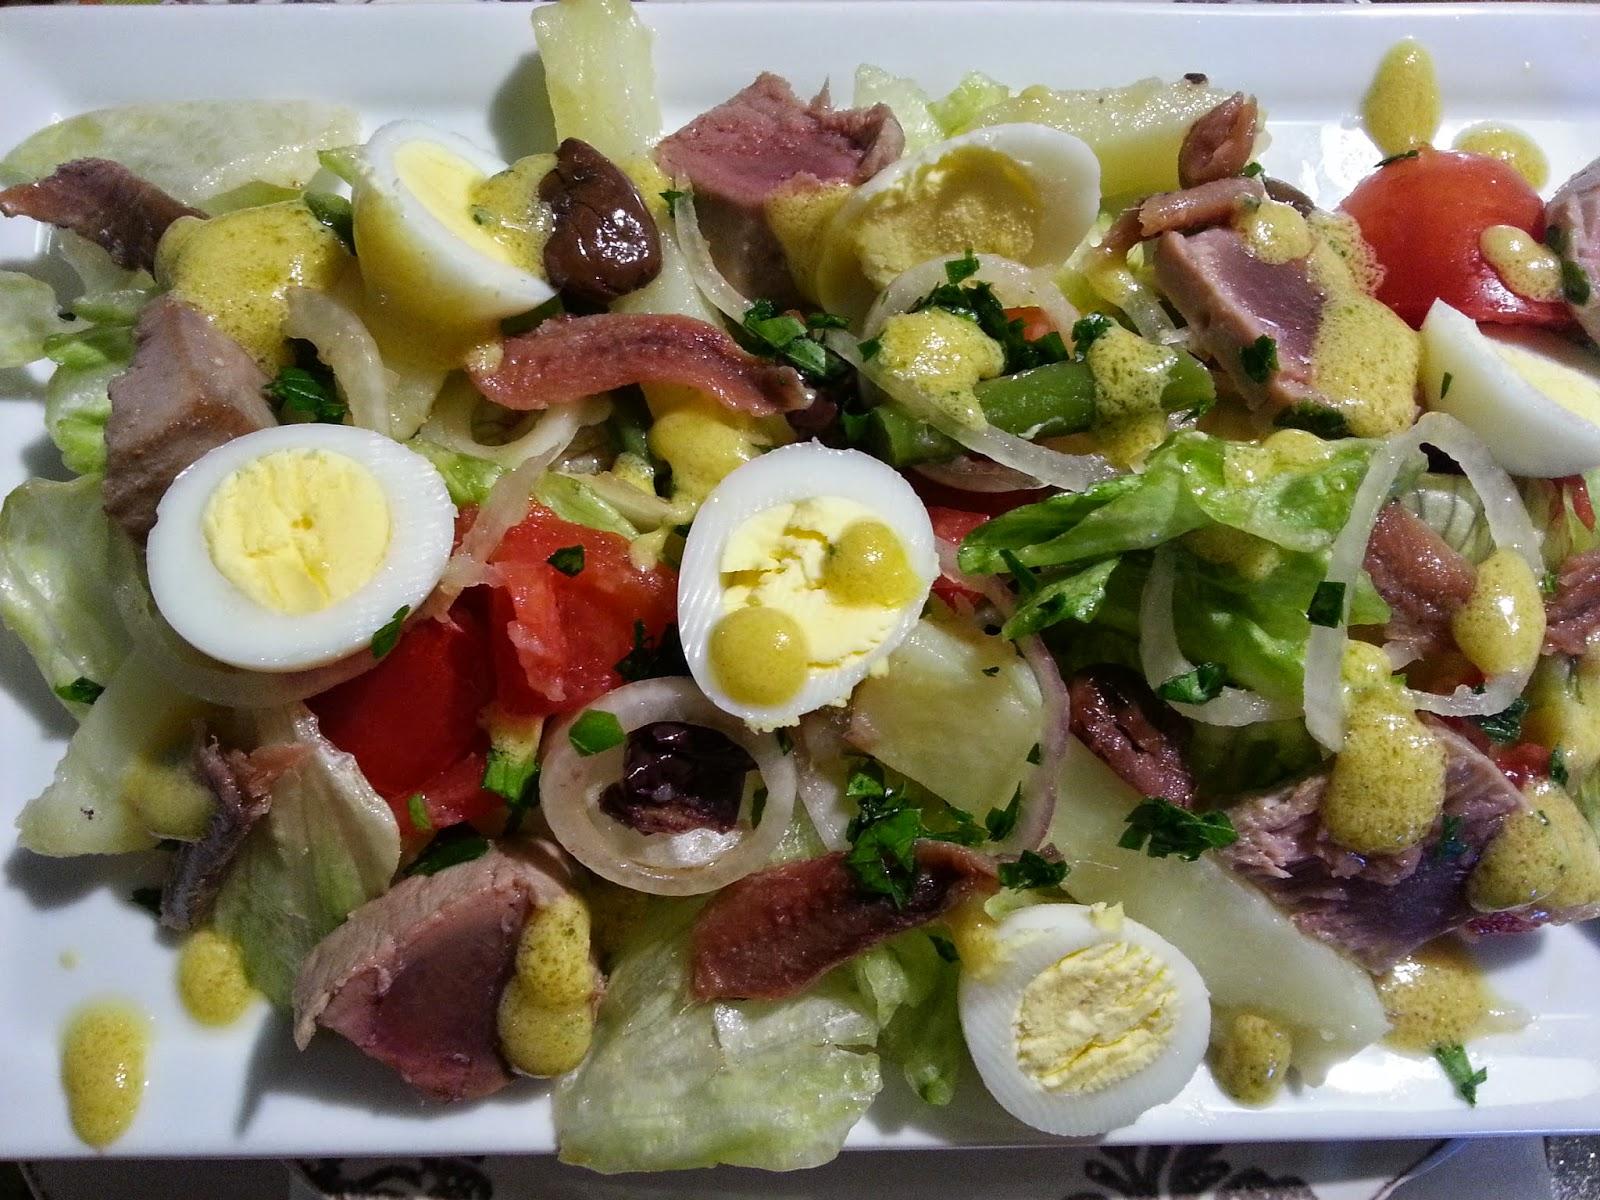 Fatemi cucinare insalata alla nizzarda con tonno fresco - Cucinare tonno fresco ...